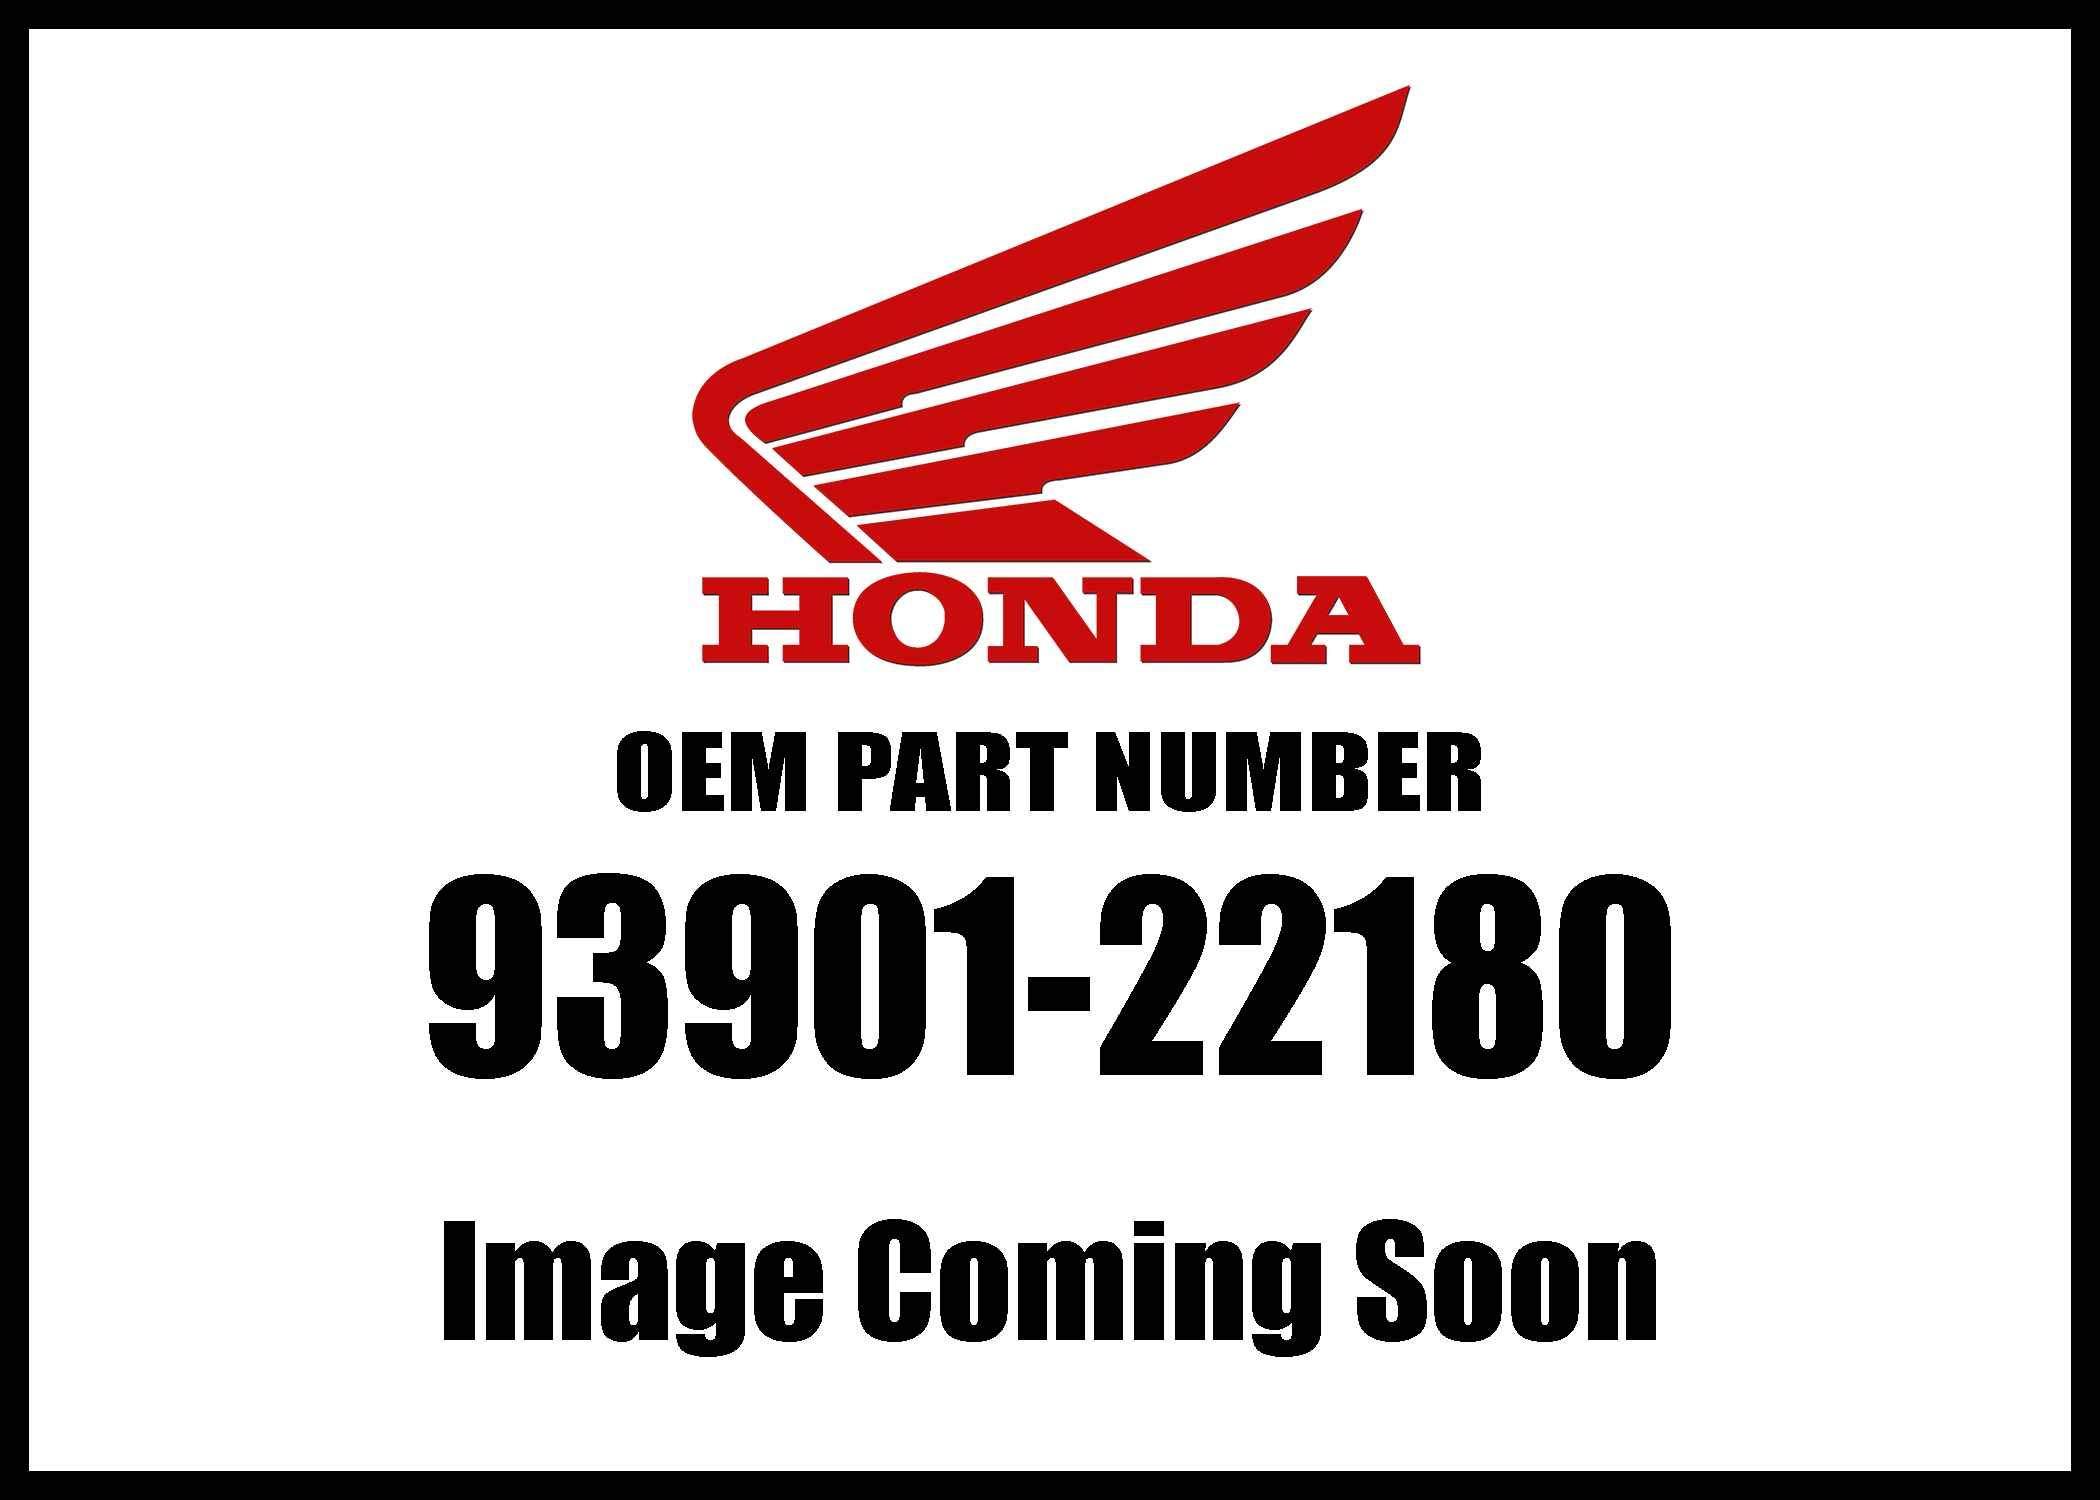 Honda 93901-22180 Screw Genuine Original Equipment Manufacturer (OEM) Part